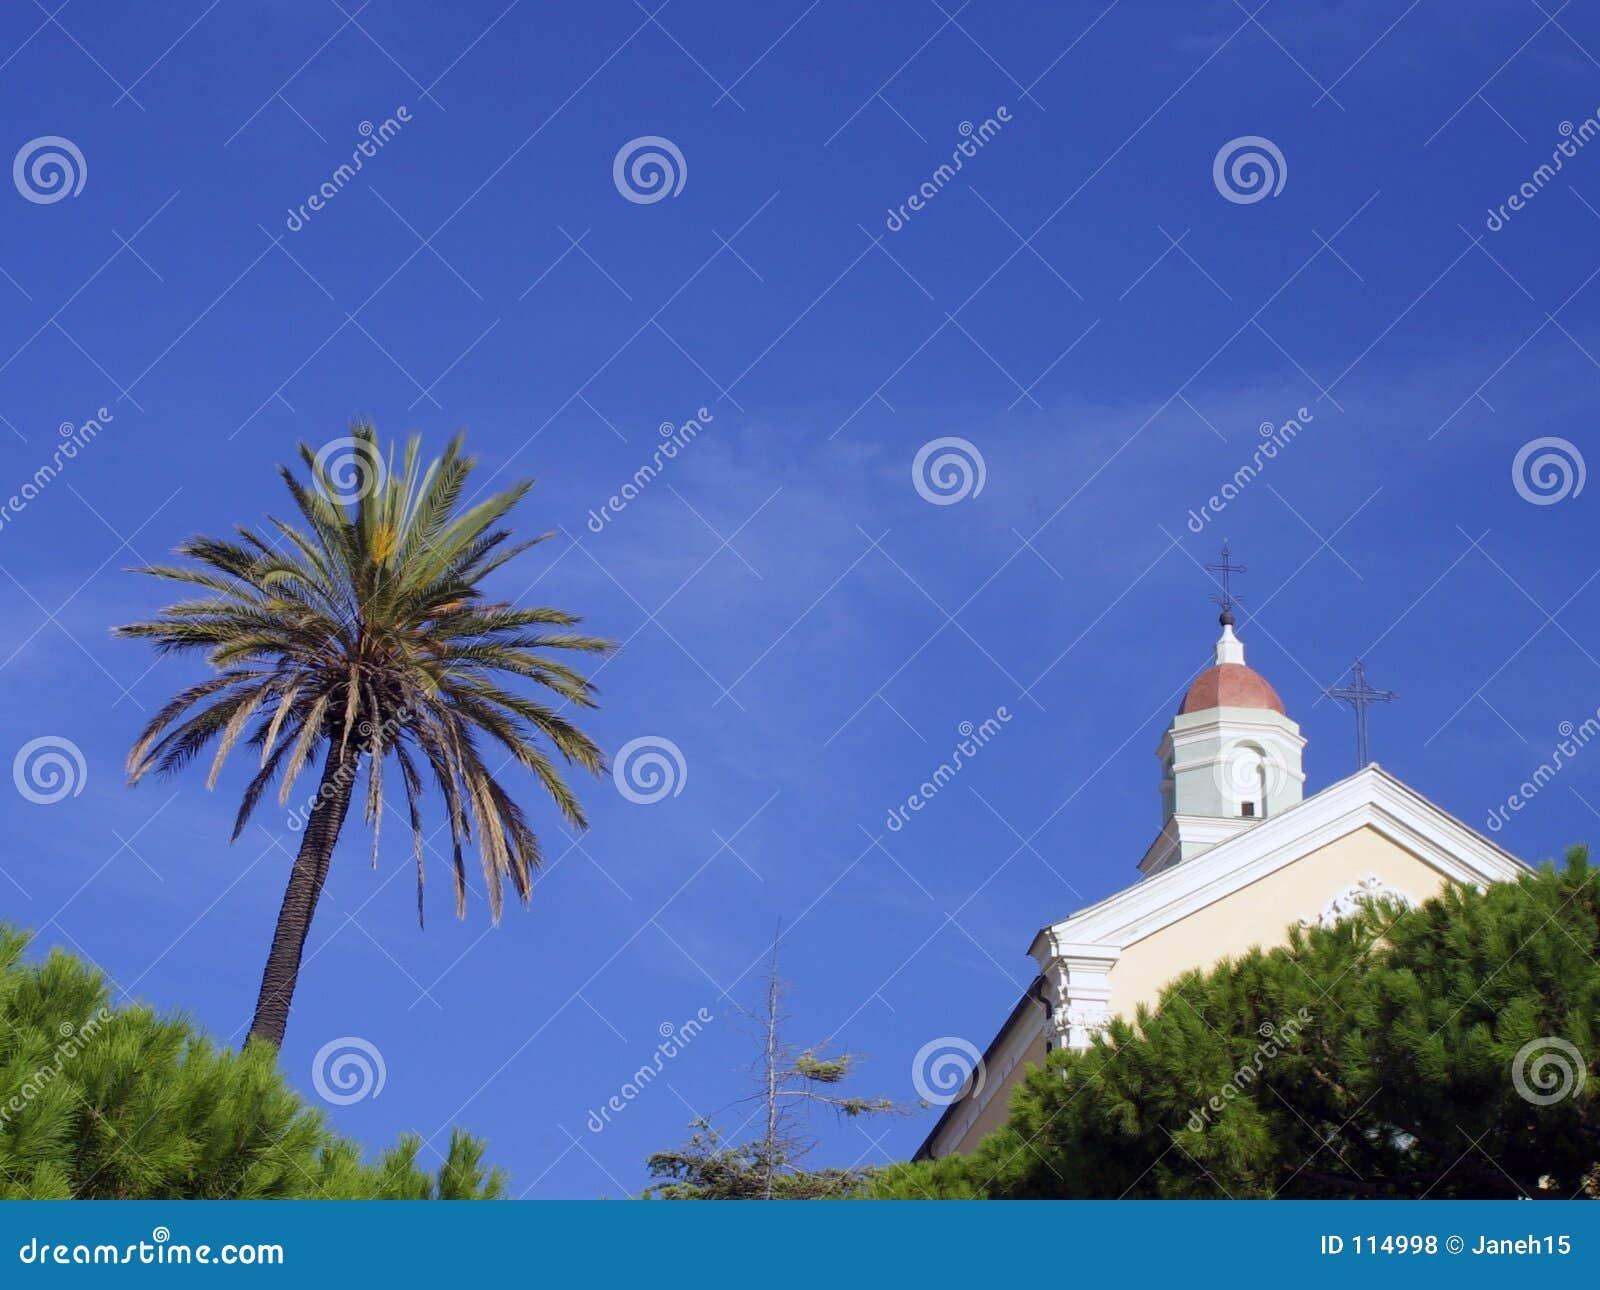 Palmeira e igreja italiana